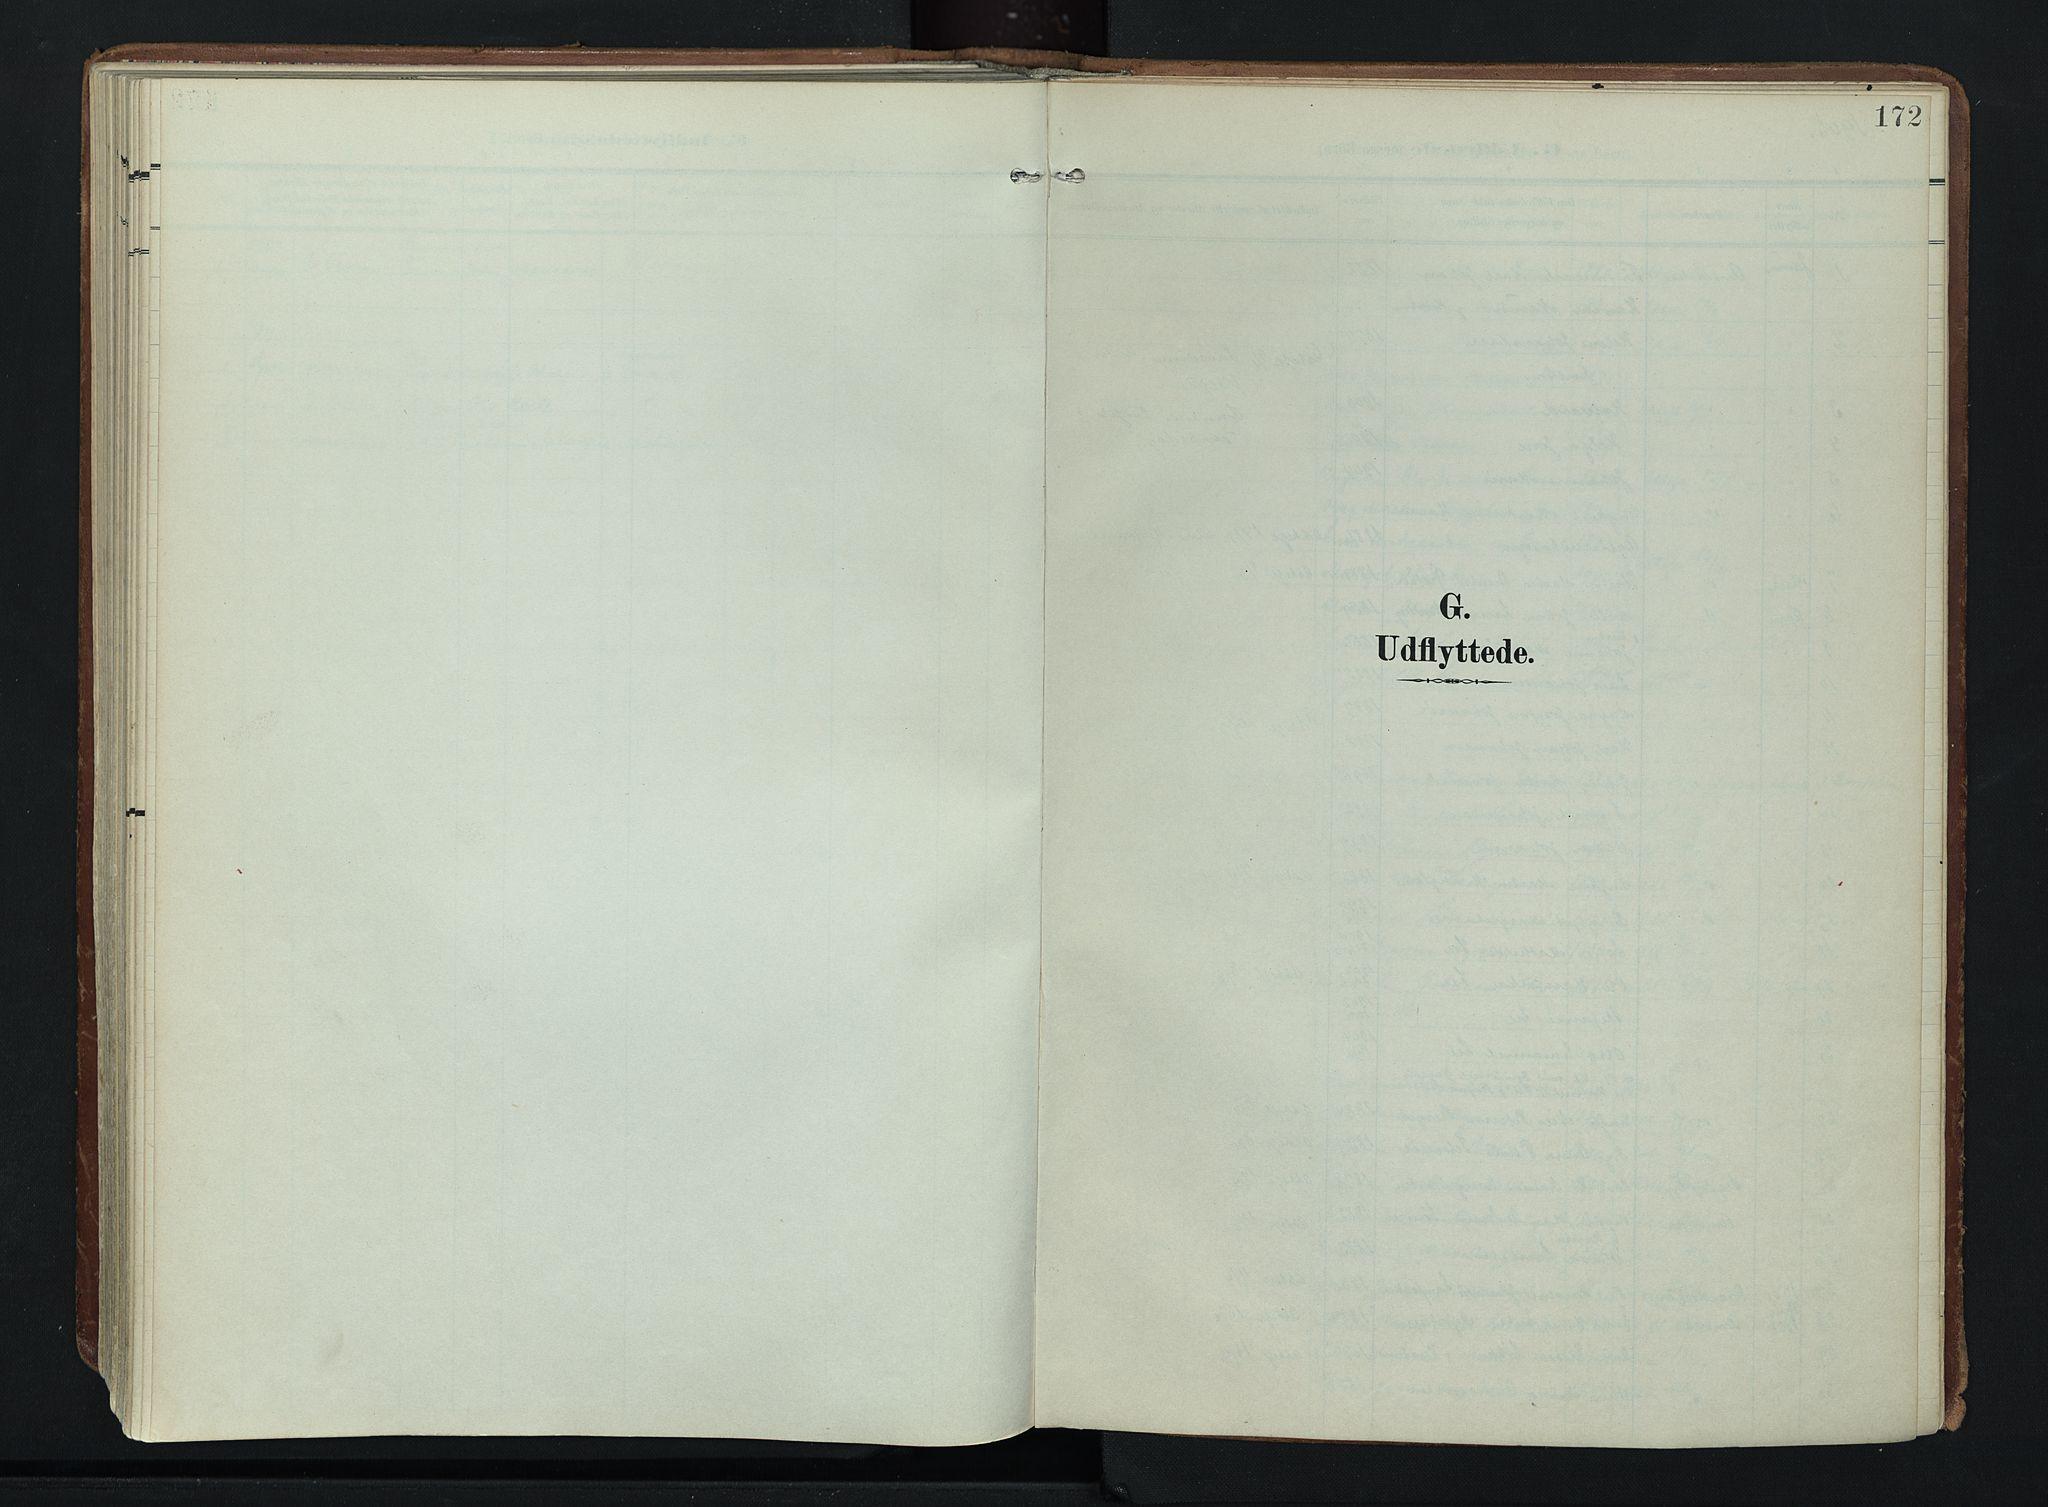 SAH, Søndre Land prestekontor, K/L0007: Ministerialbok nr. 7, 1905-1914, s. 172